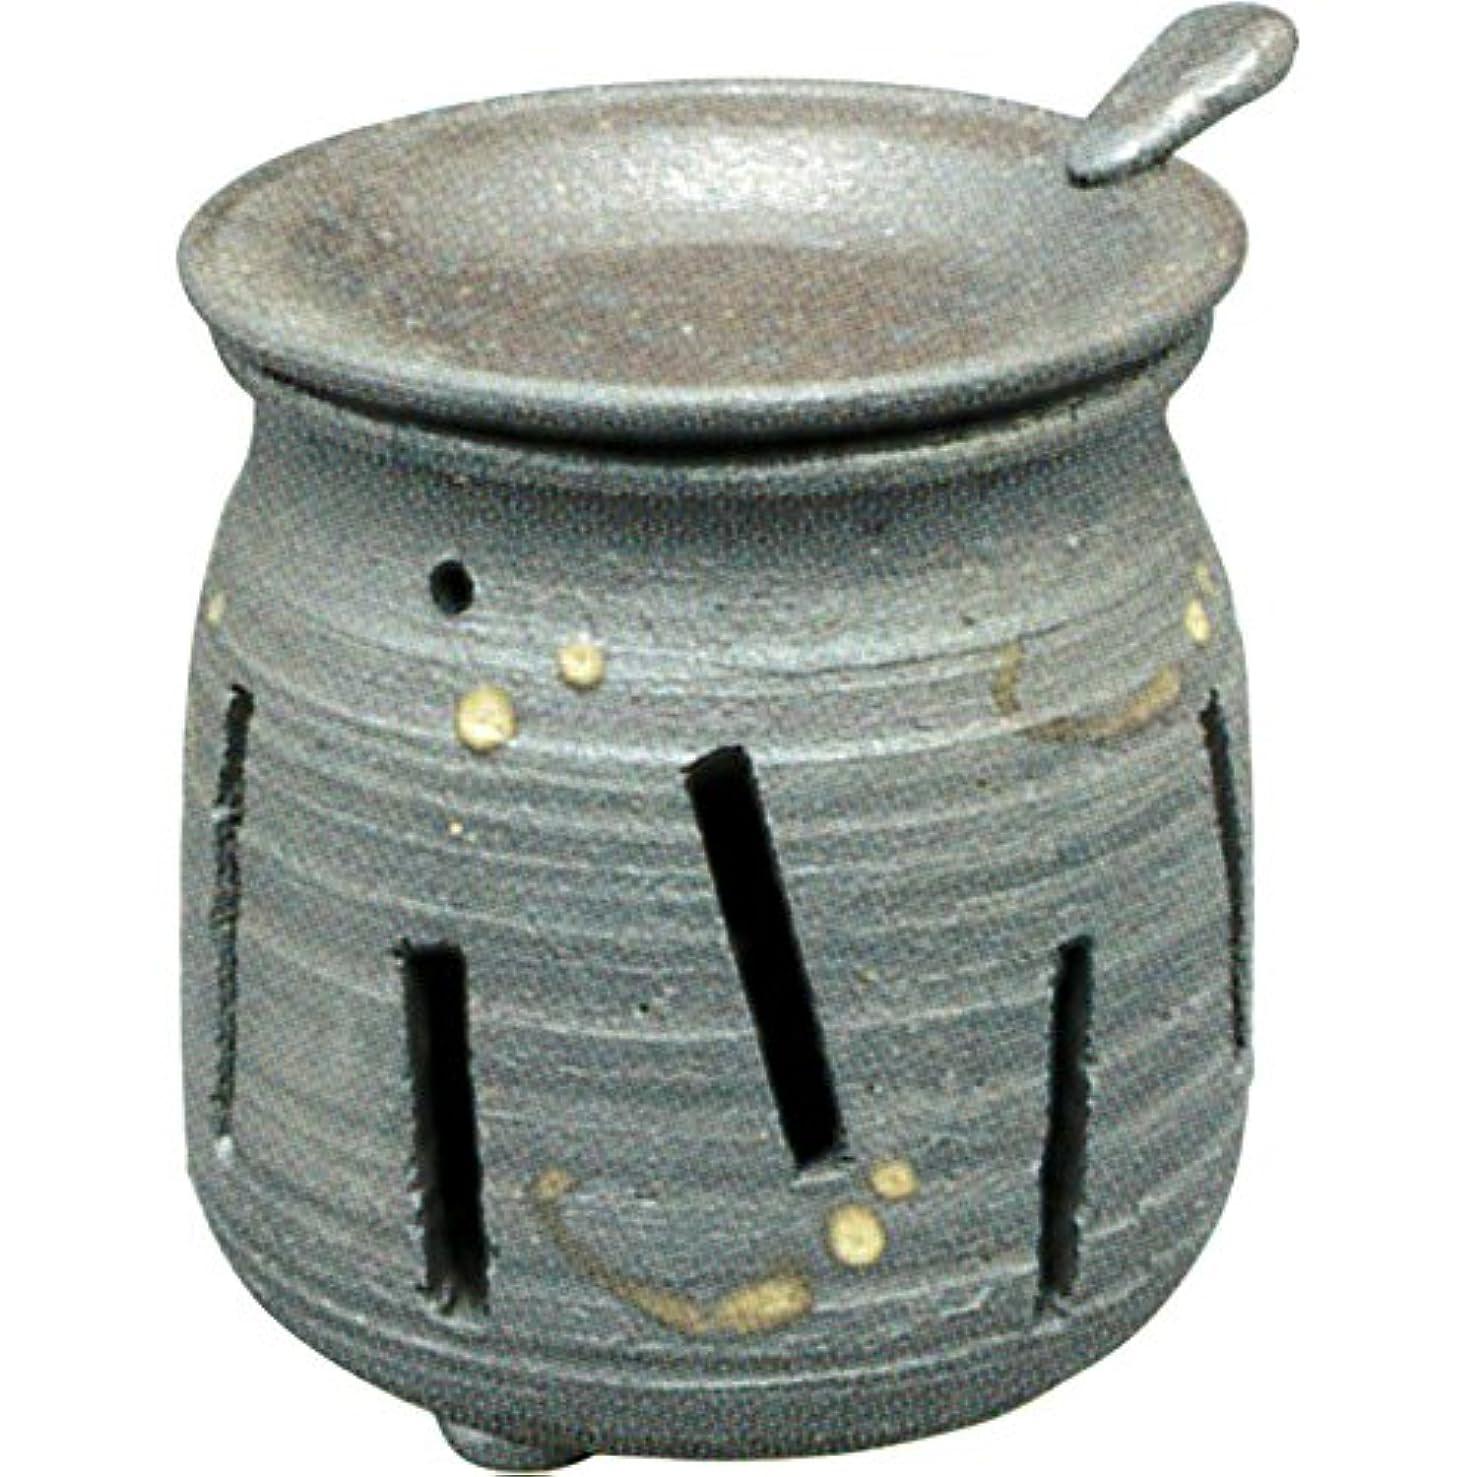 相対サイズかび臭いフォーカス常滑焼 : 焜清 茶香炉 ル36-05